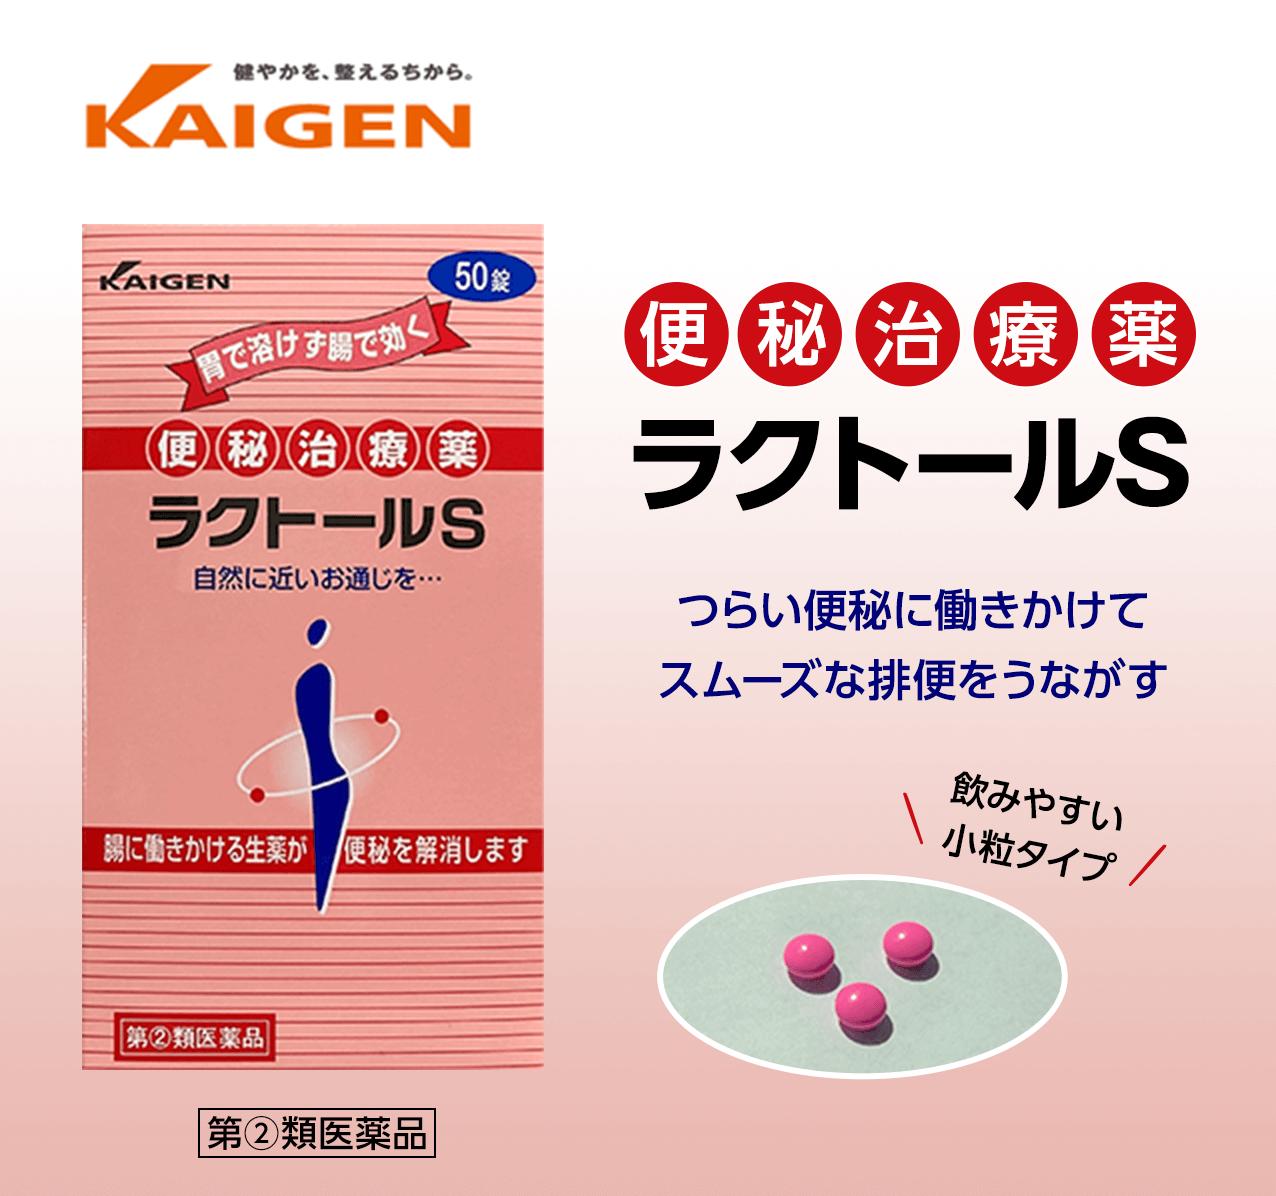 「便秘治療薬 ラクトールS(第?類医薬品)」 つらい便秘に働きかけてスムーズな排便をうながす 飲みやすい小粒タイプ